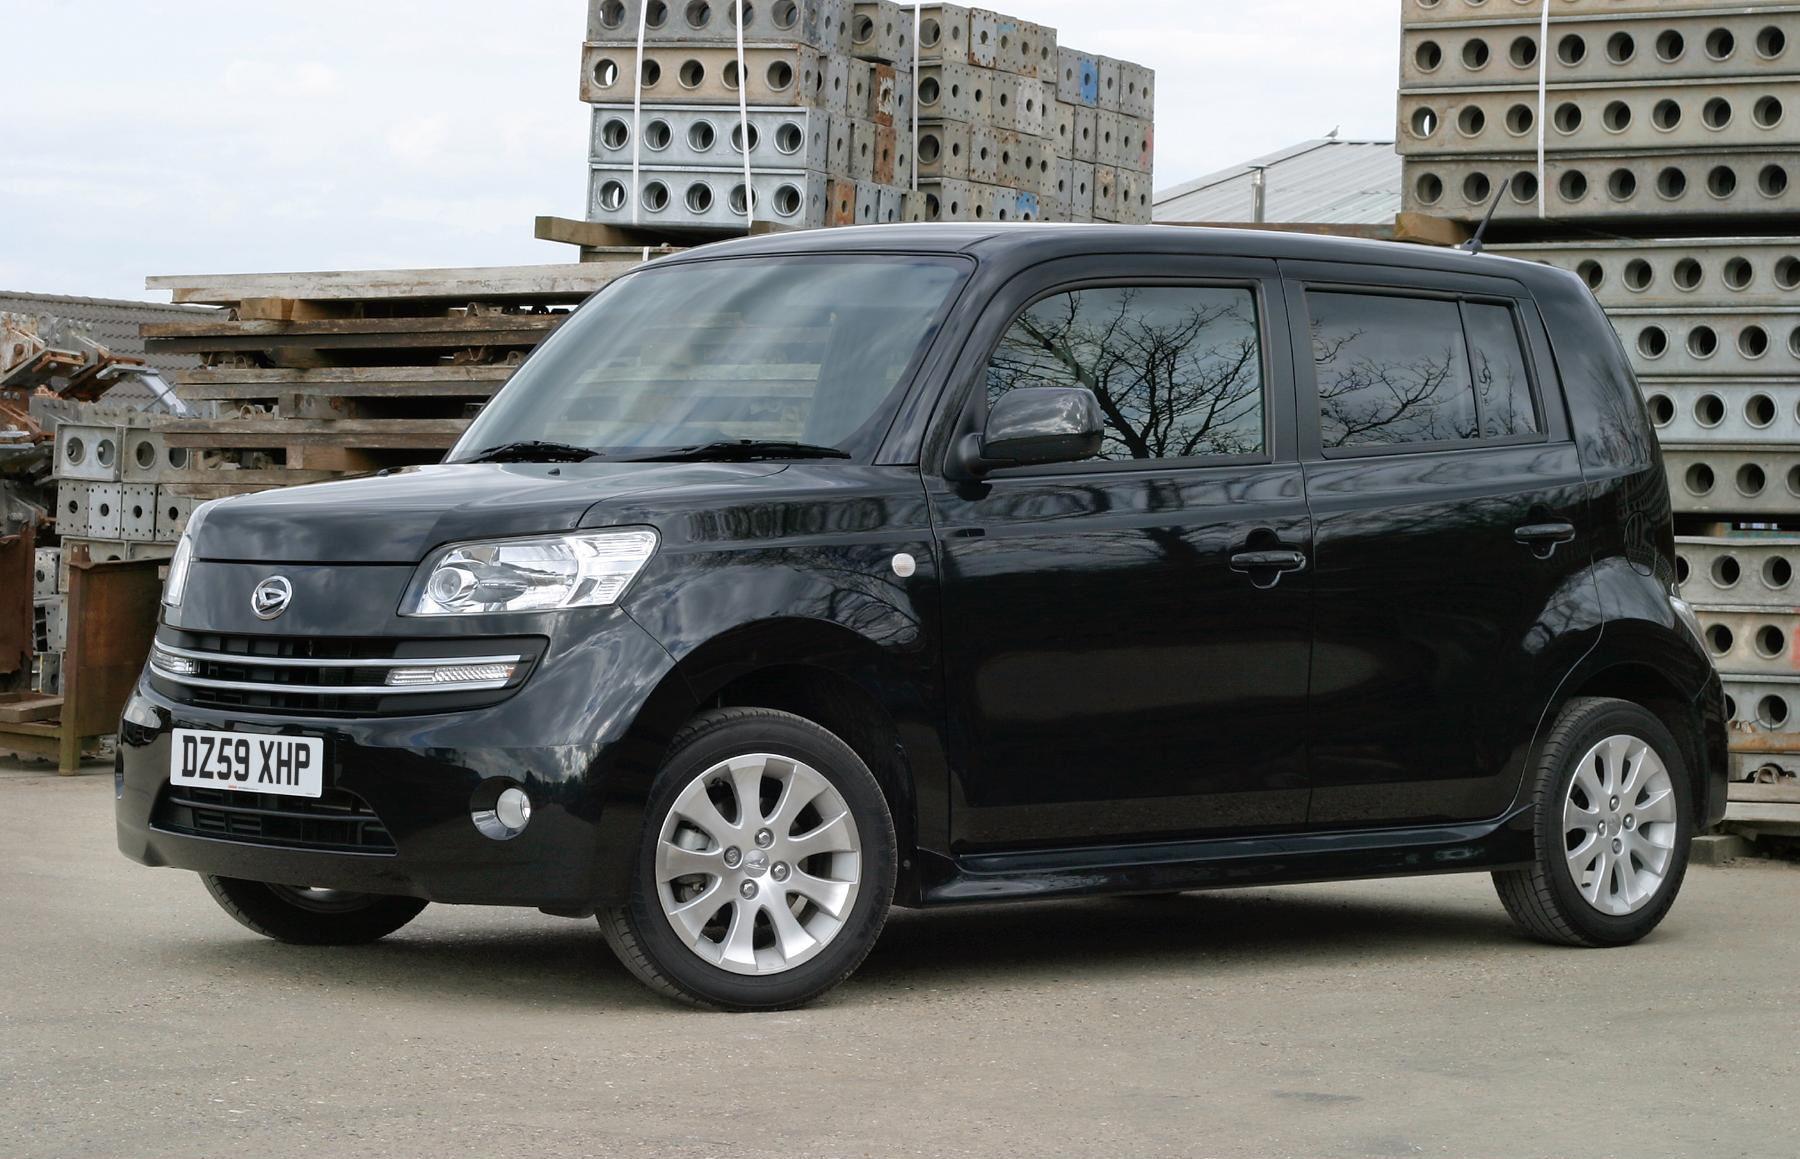 Utilisér Daihatsu Materia voitures à la vente, Chercher et acheter des